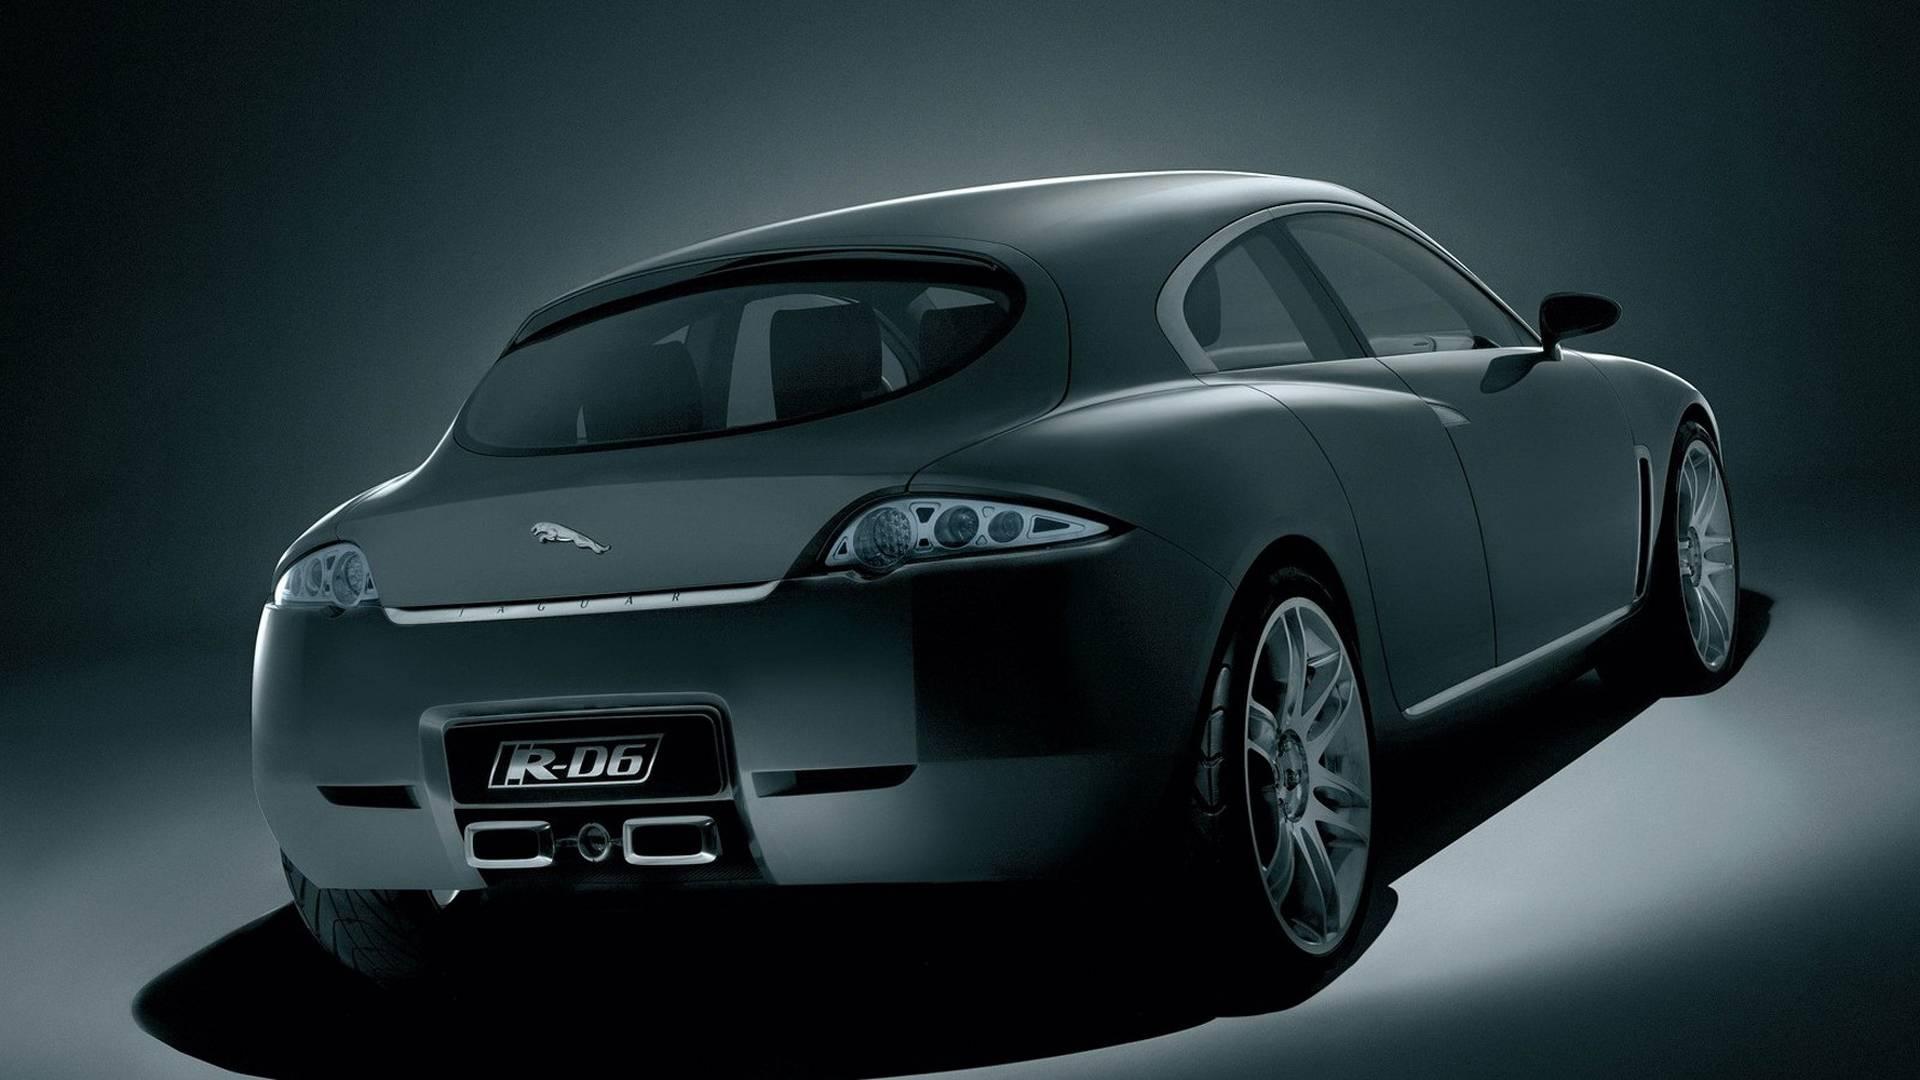 2003-jaguar-r-d6-concept13